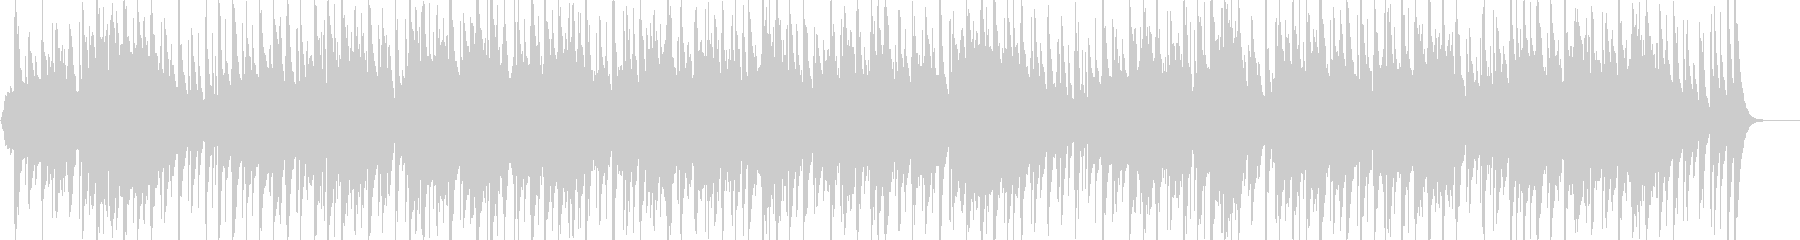 アラビア風の雰囲気のBGM2の未再生の波形